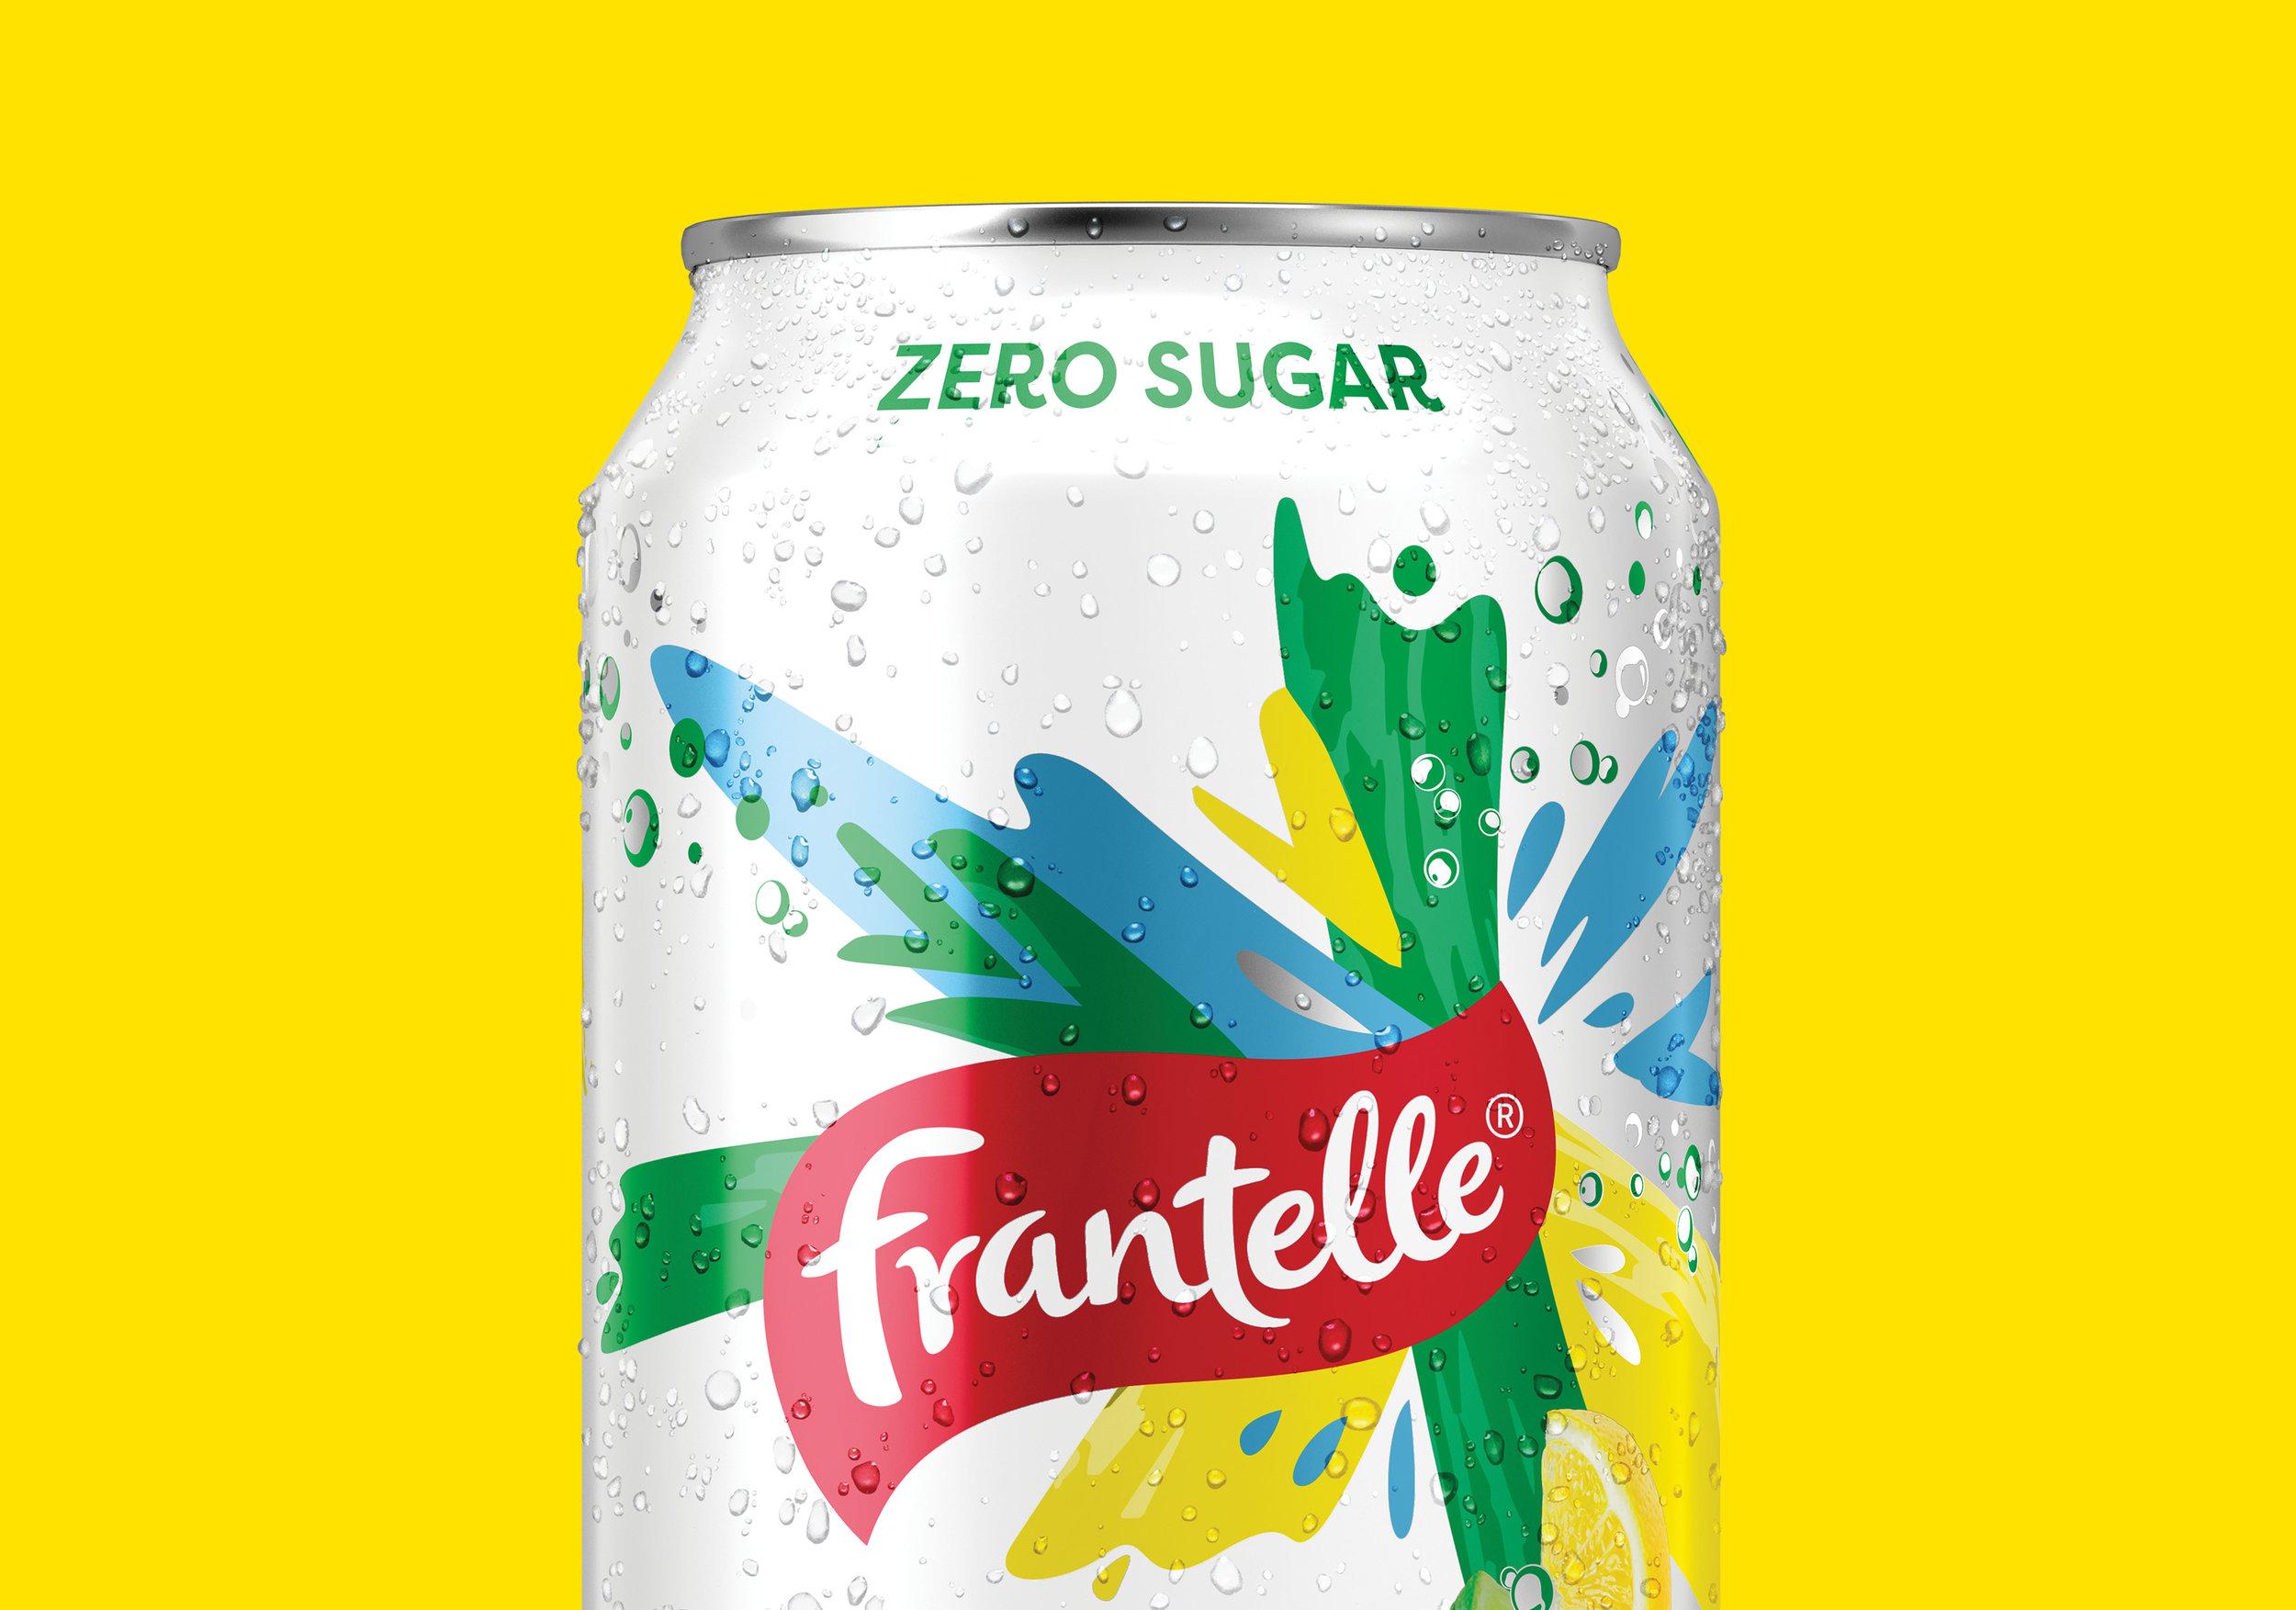 Frantelle_Hero Image_03.jpg